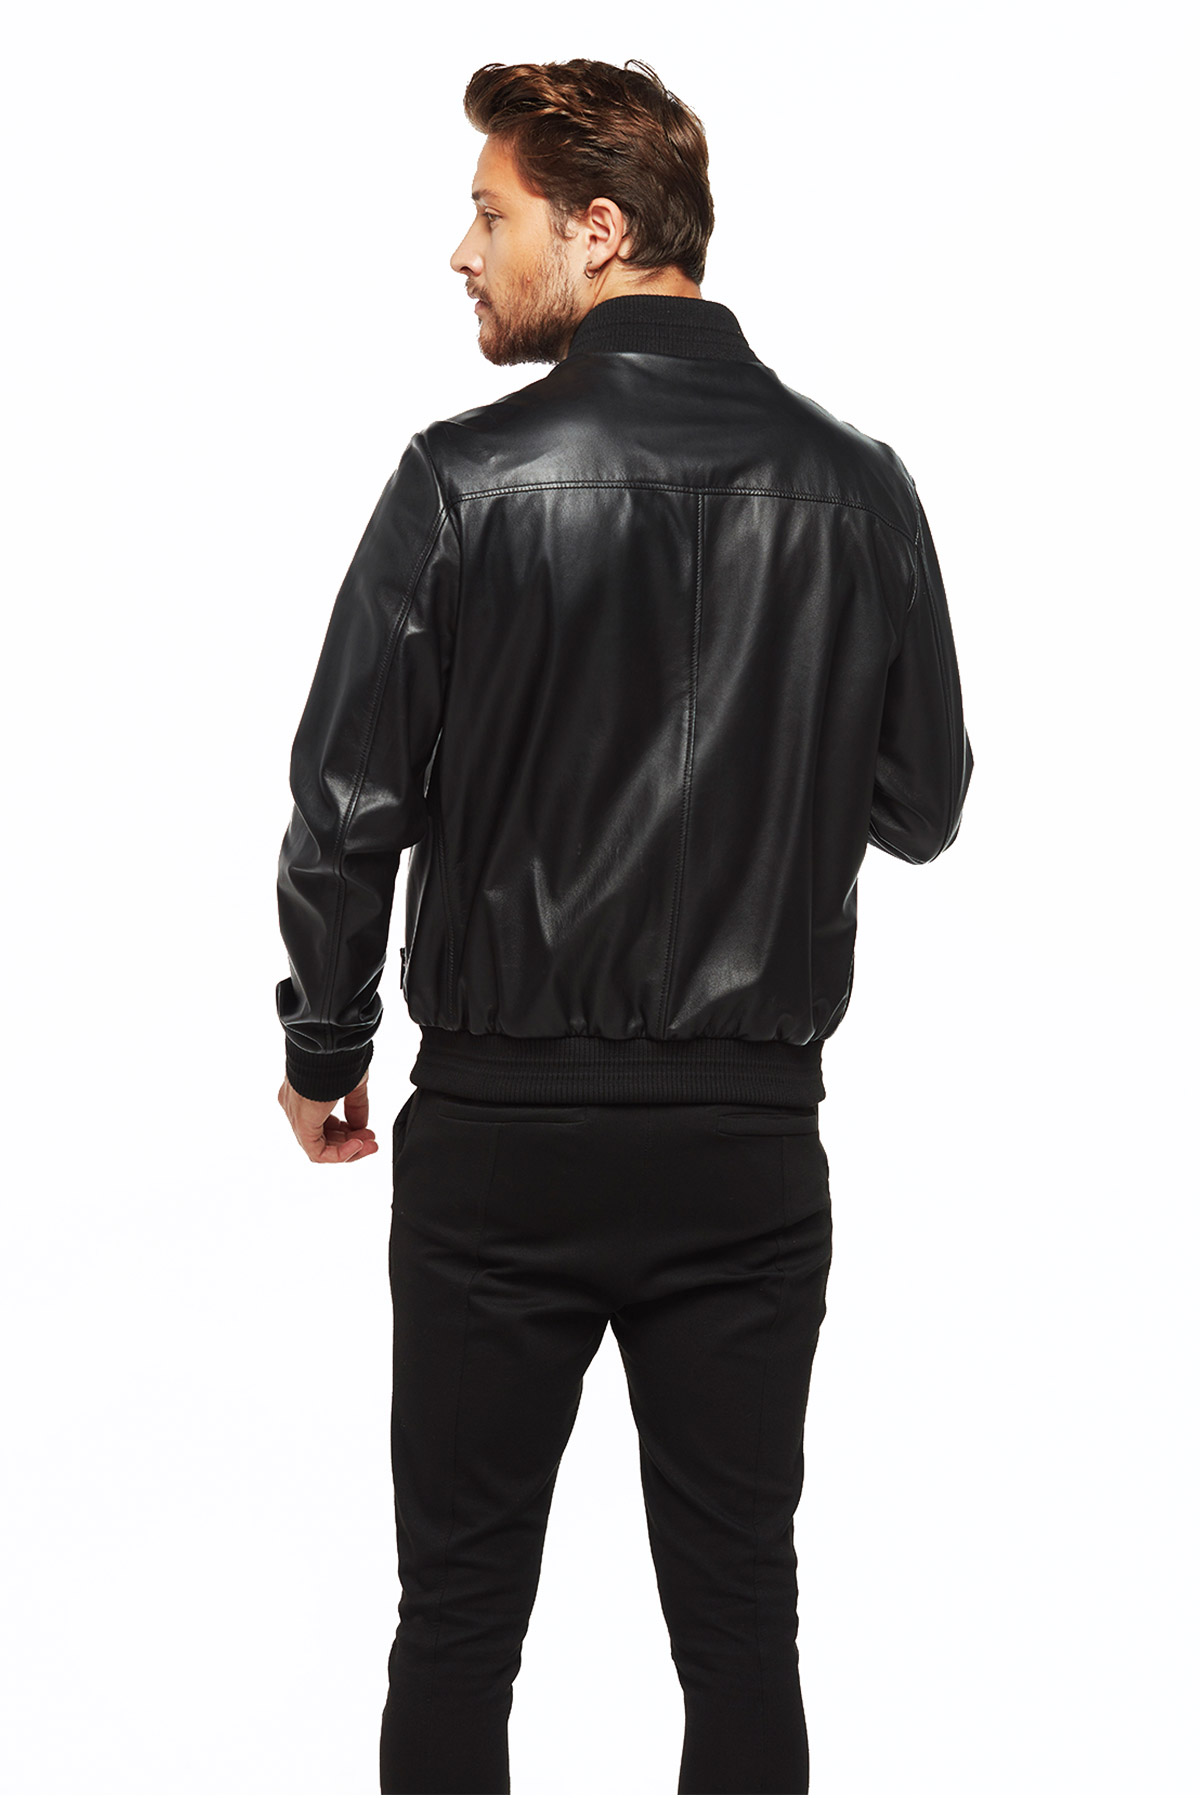 The Nerd Bomber Black Leather Jacket